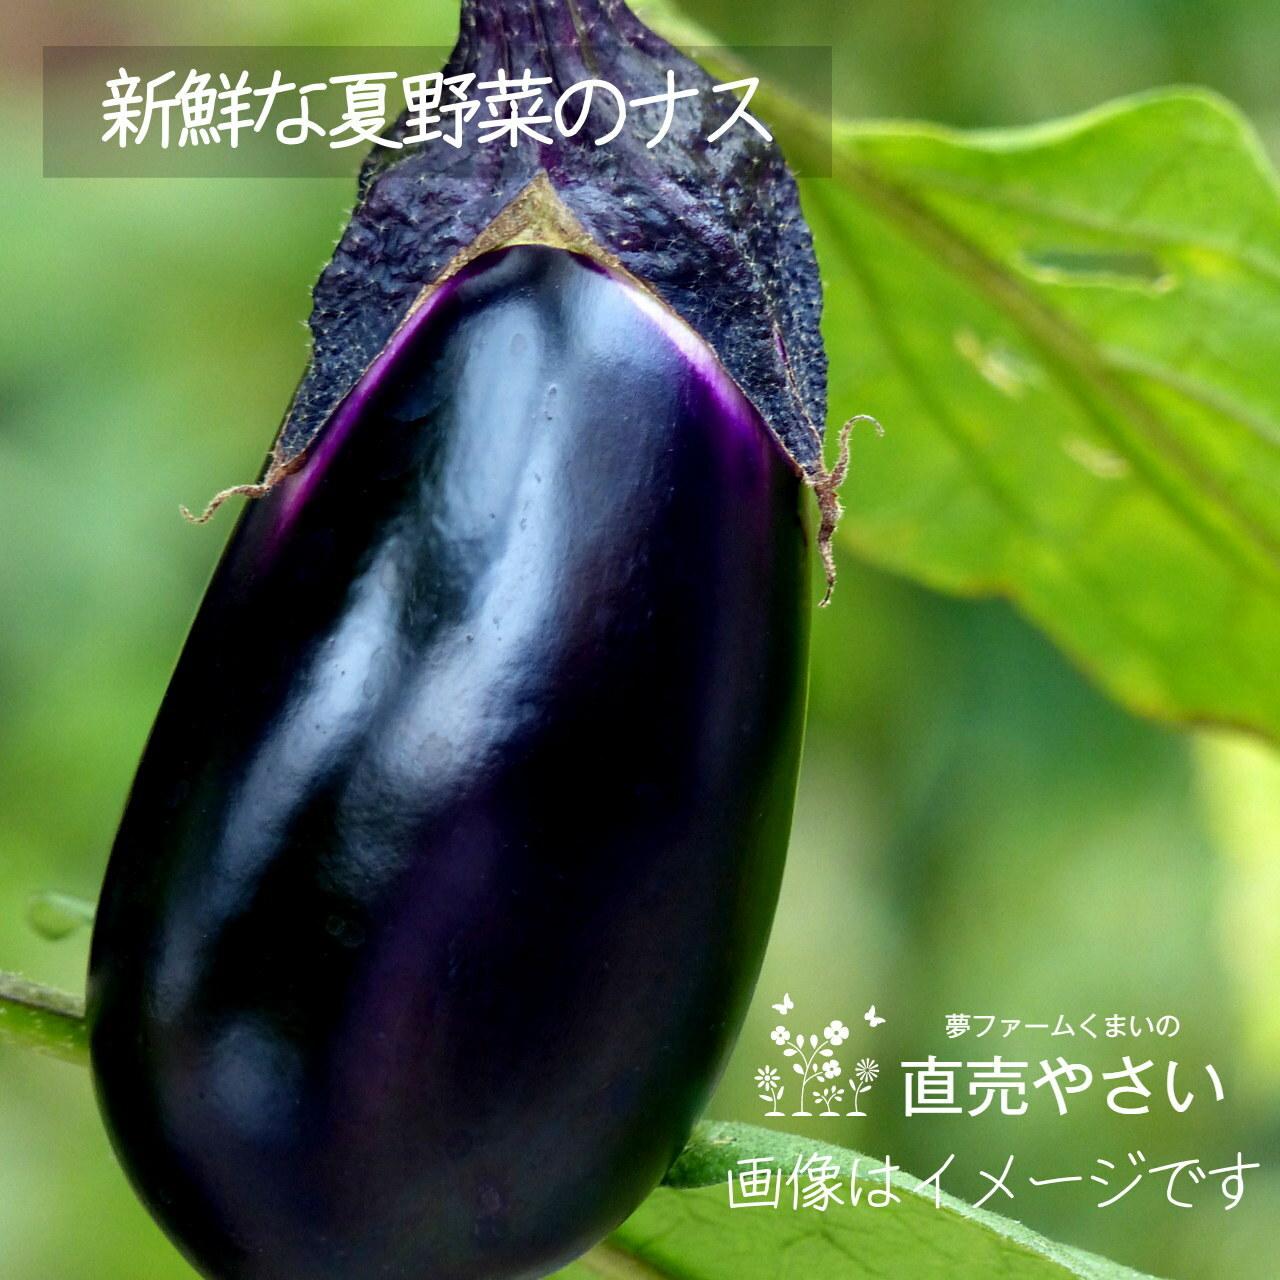 7月の新鮮野菜 : ナス 約350g 朝採り直売野菜 7月6日発送予定